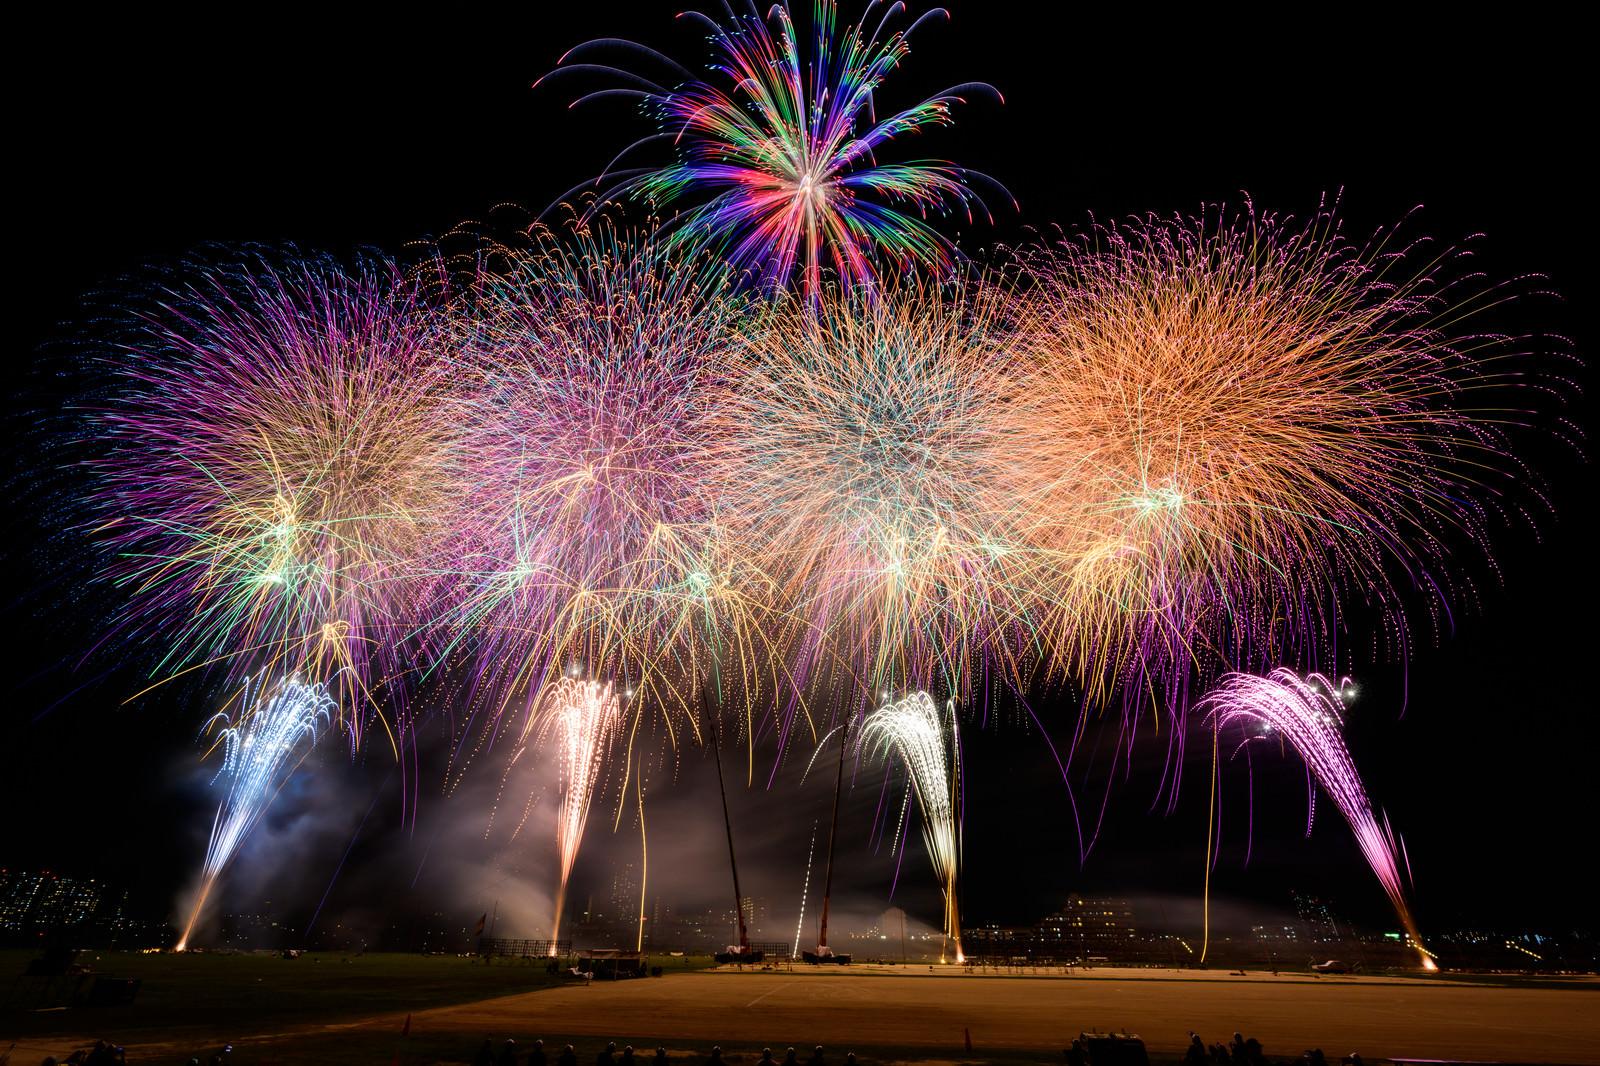 「江戸川区花火大会のフィナーレ」の写真